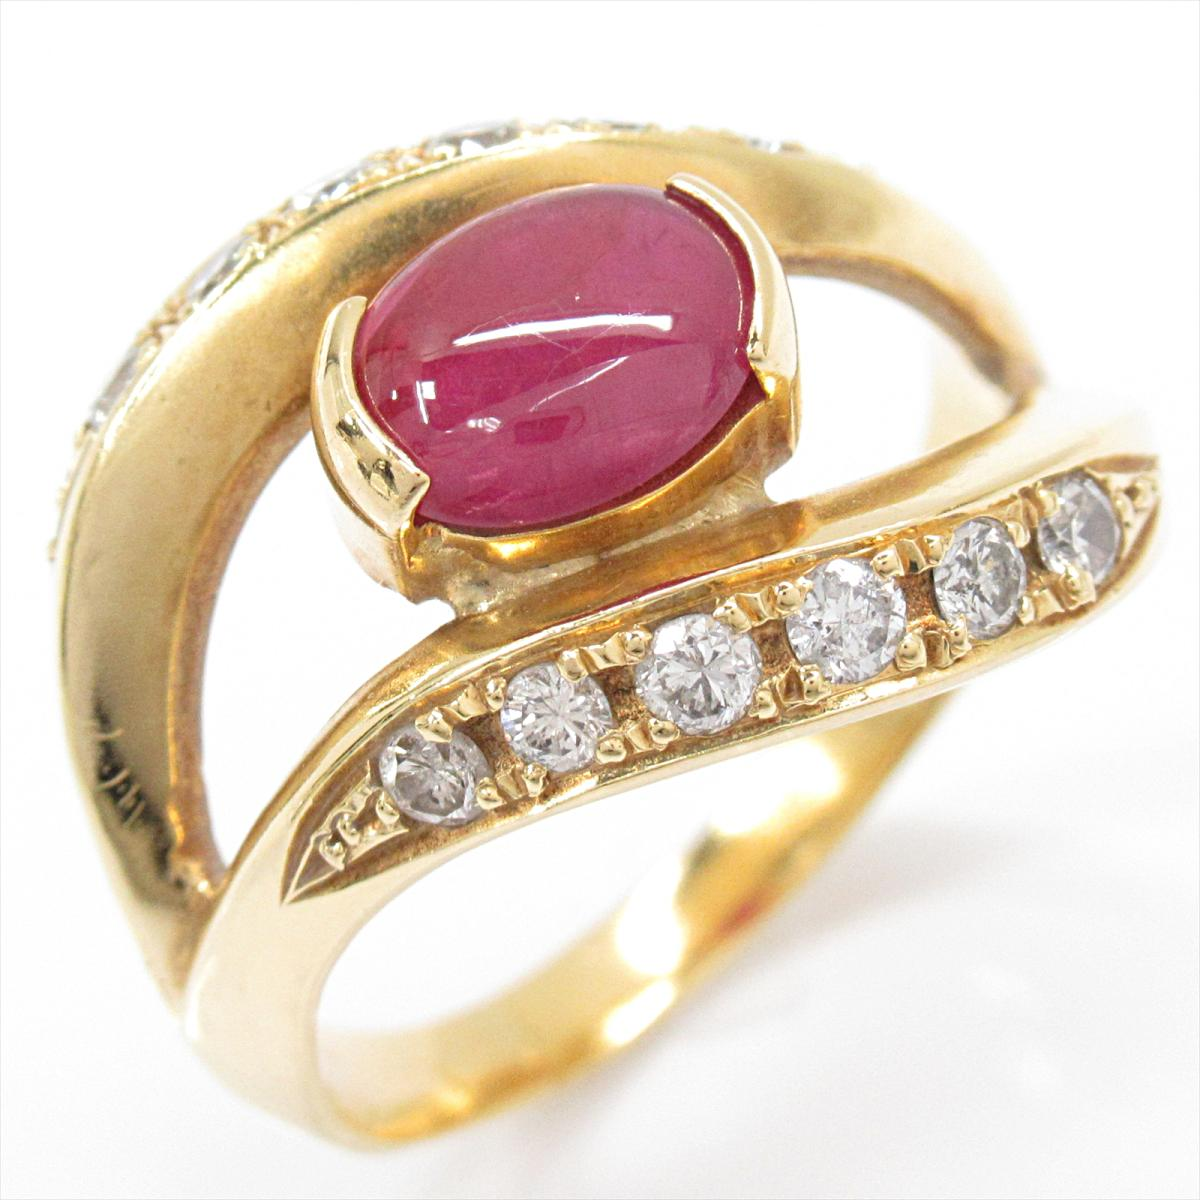 【中古】 ジュエリー スタールビー リング 指輪 レディース K18YG (750) イエローゴールド x (1.20ct) ダイヤモンド (0.44ct) | JEWELRY BRANDOFF ブランドオフ ブランド アクセサリー